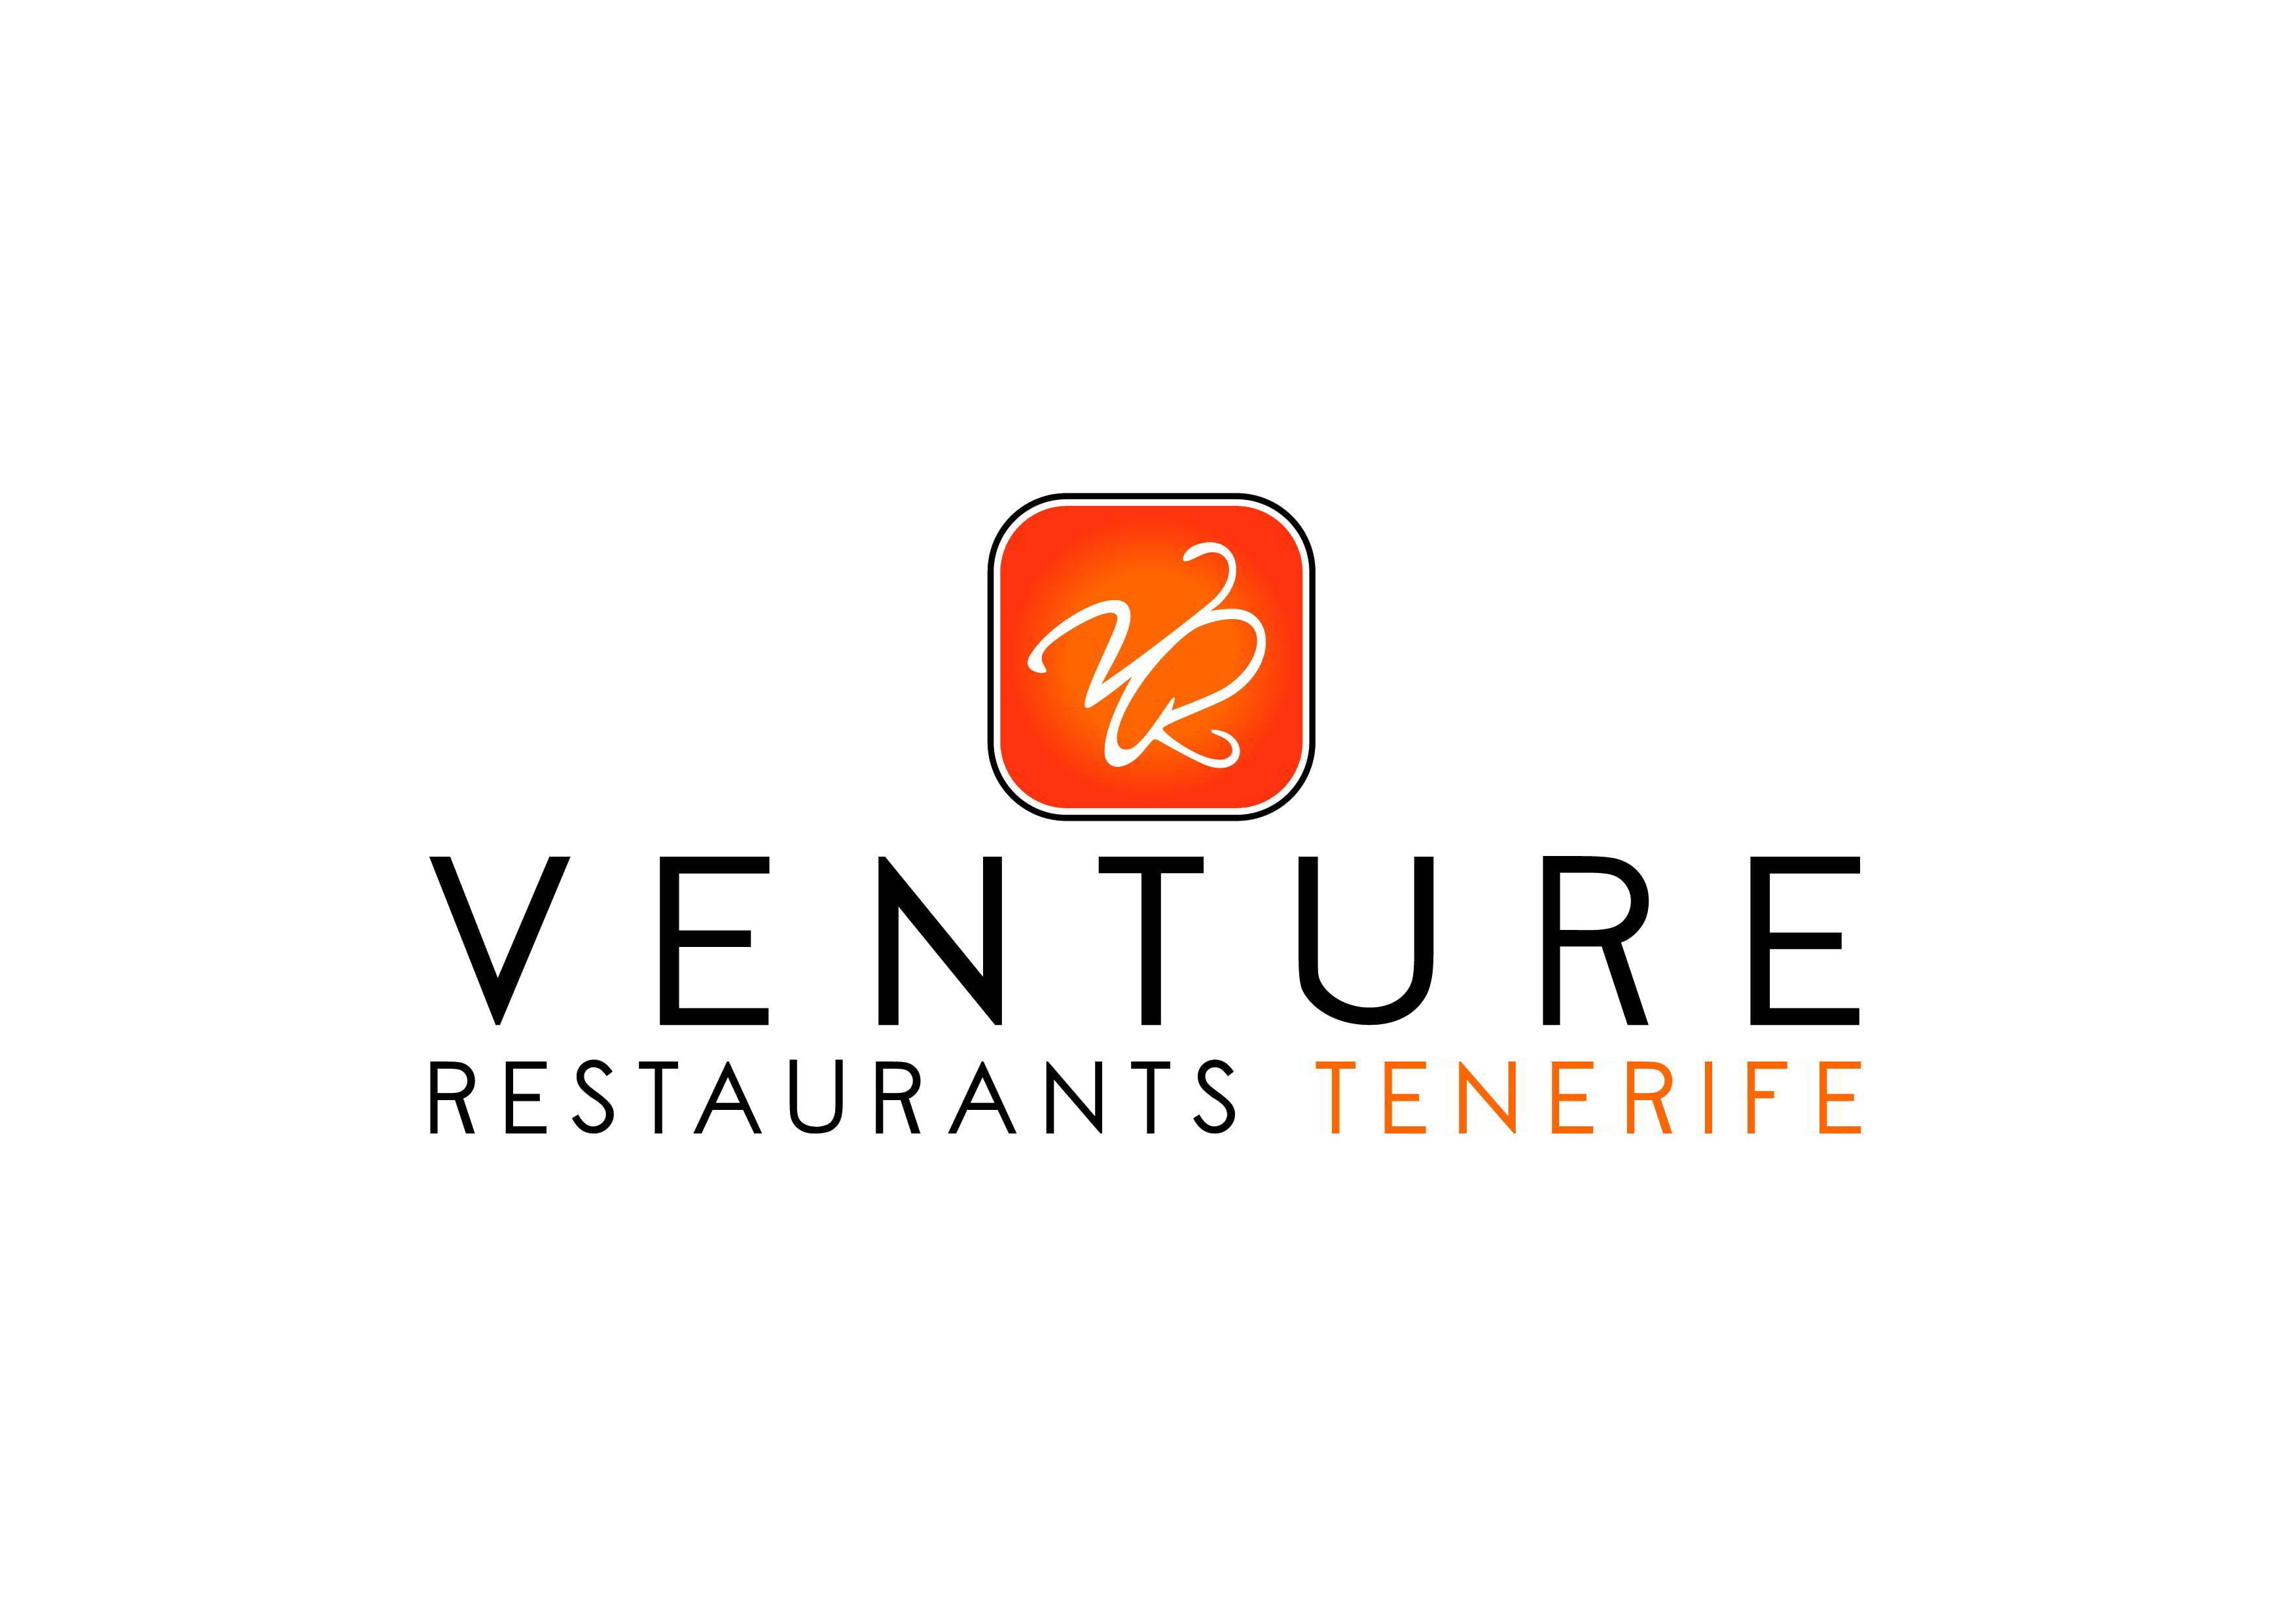 Venture Restaurants